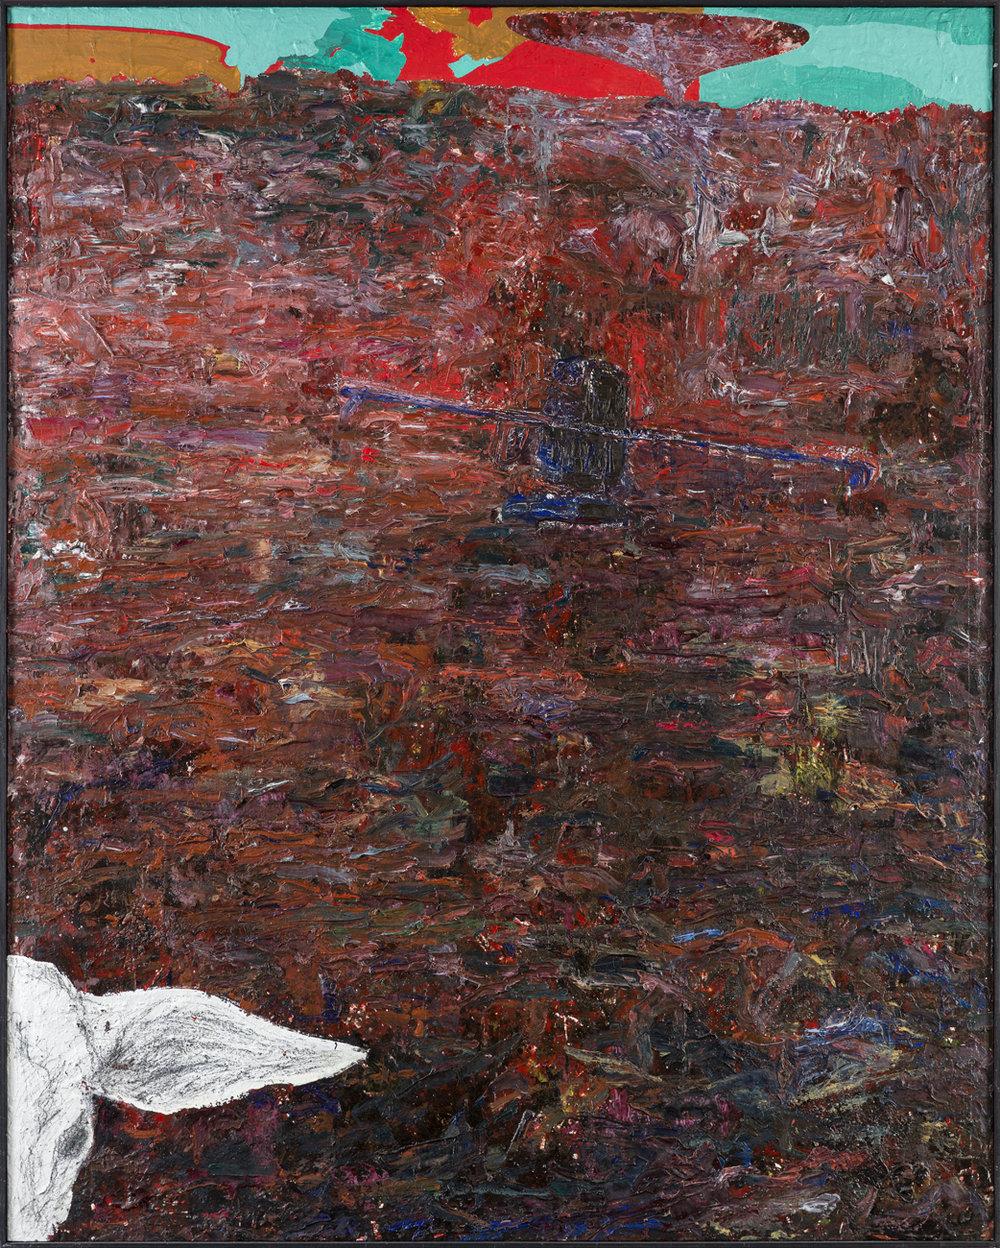 Max Mikael Book  Porovia  1986-87 Oil on canvas 150 x 120 cm